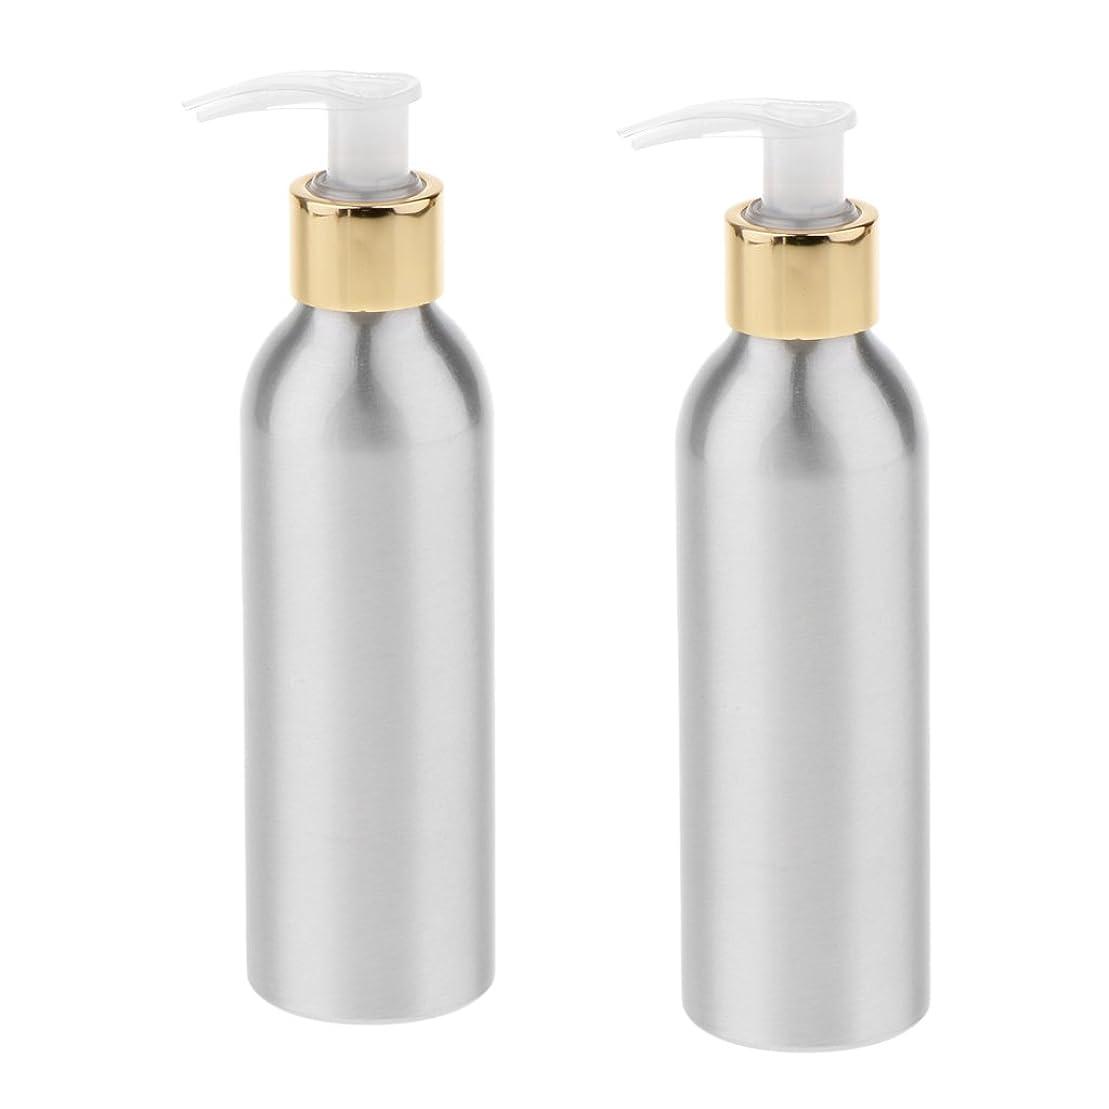 専門賄賂ゆるくKesoto 2本 スプレーボトル 空ボトル アルミボトル スプレー ポンプボトル 香水ボトル シャンプー 噴霧器 アトマイザー 6サイズ選択 - 150m